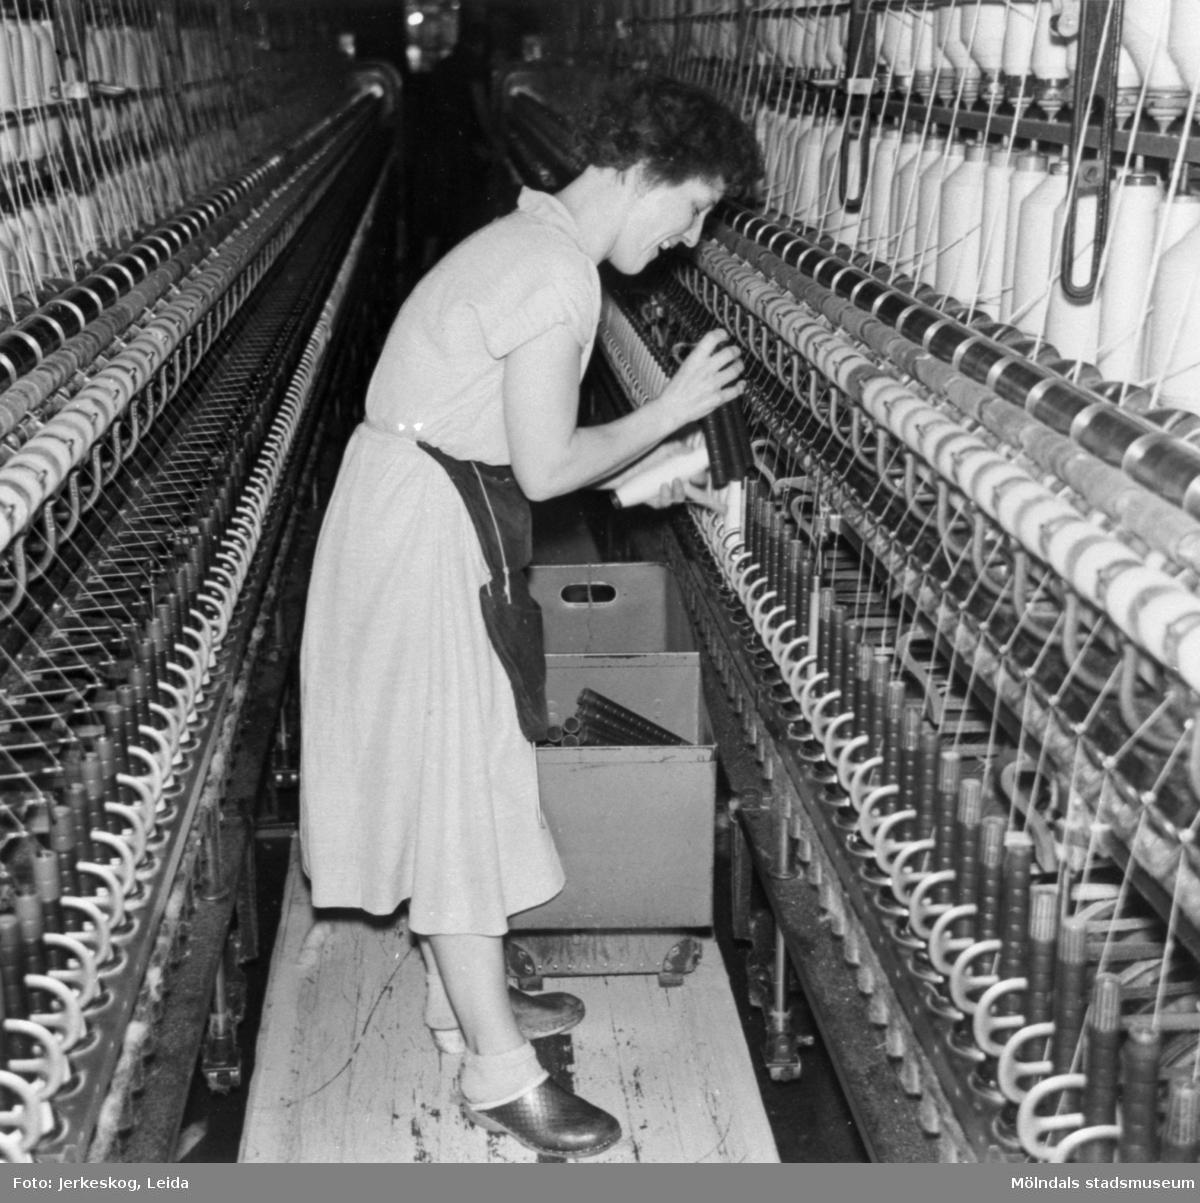 Elsy arbetar vid en spinnerimaskin på Krokslätts fabrik, 4:e våningen, 1958.